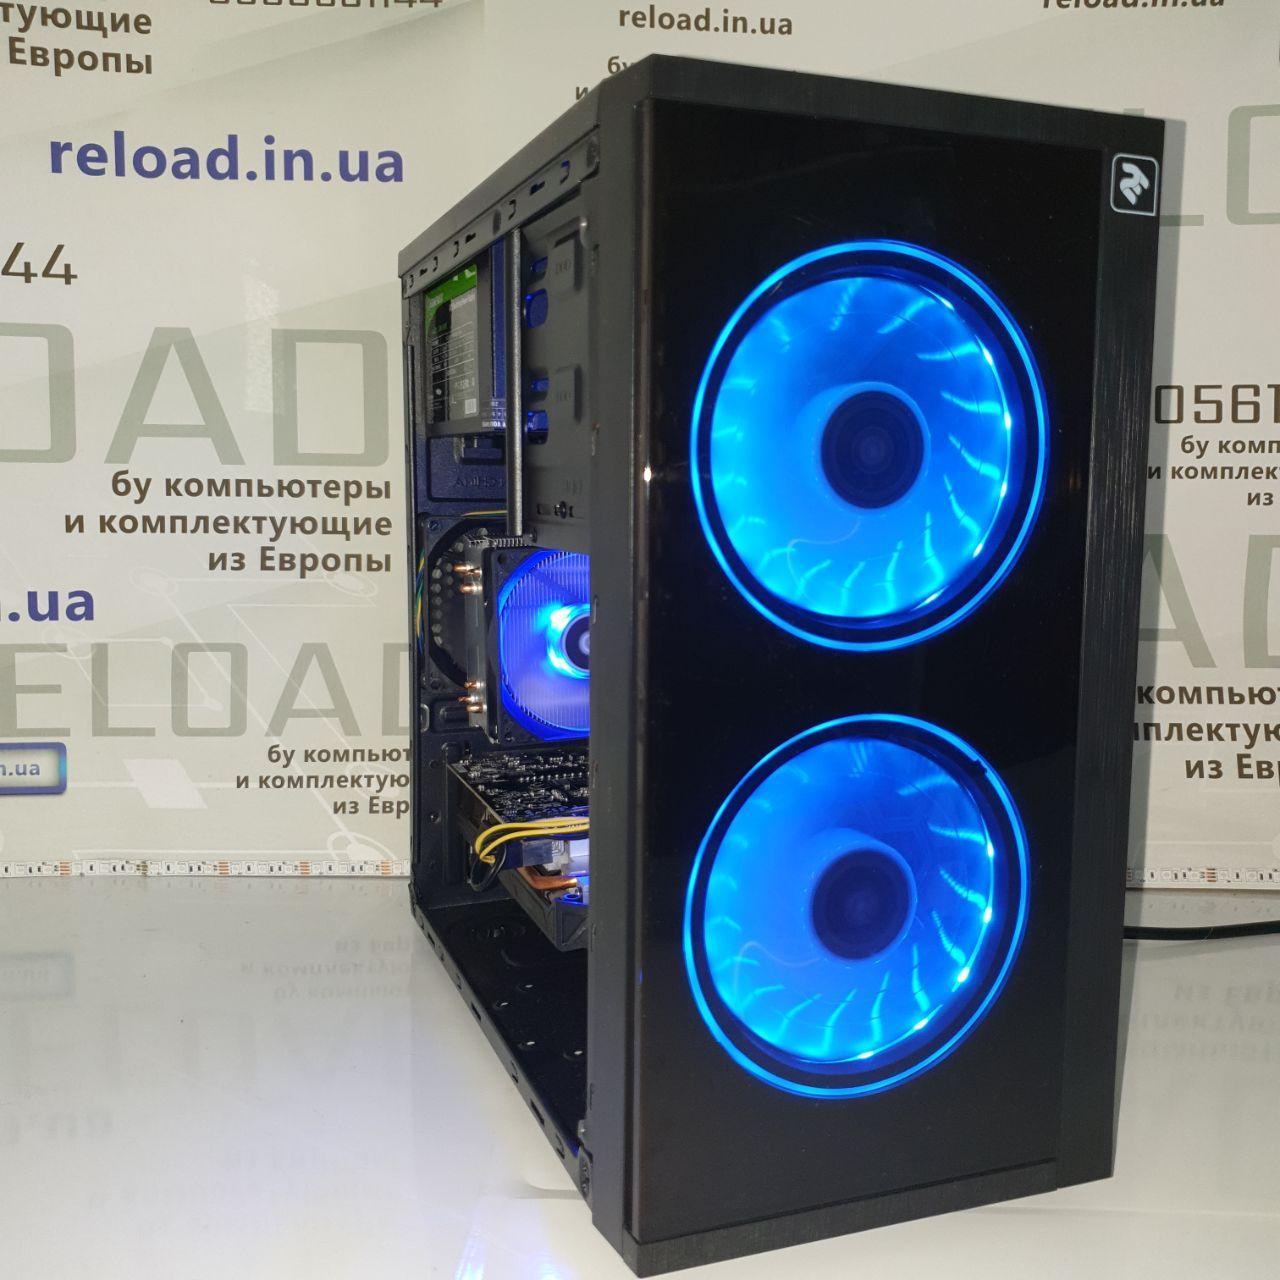 Игровой системный блок core i3 10100f+gtx 1060 3гб+ddr4 8gb